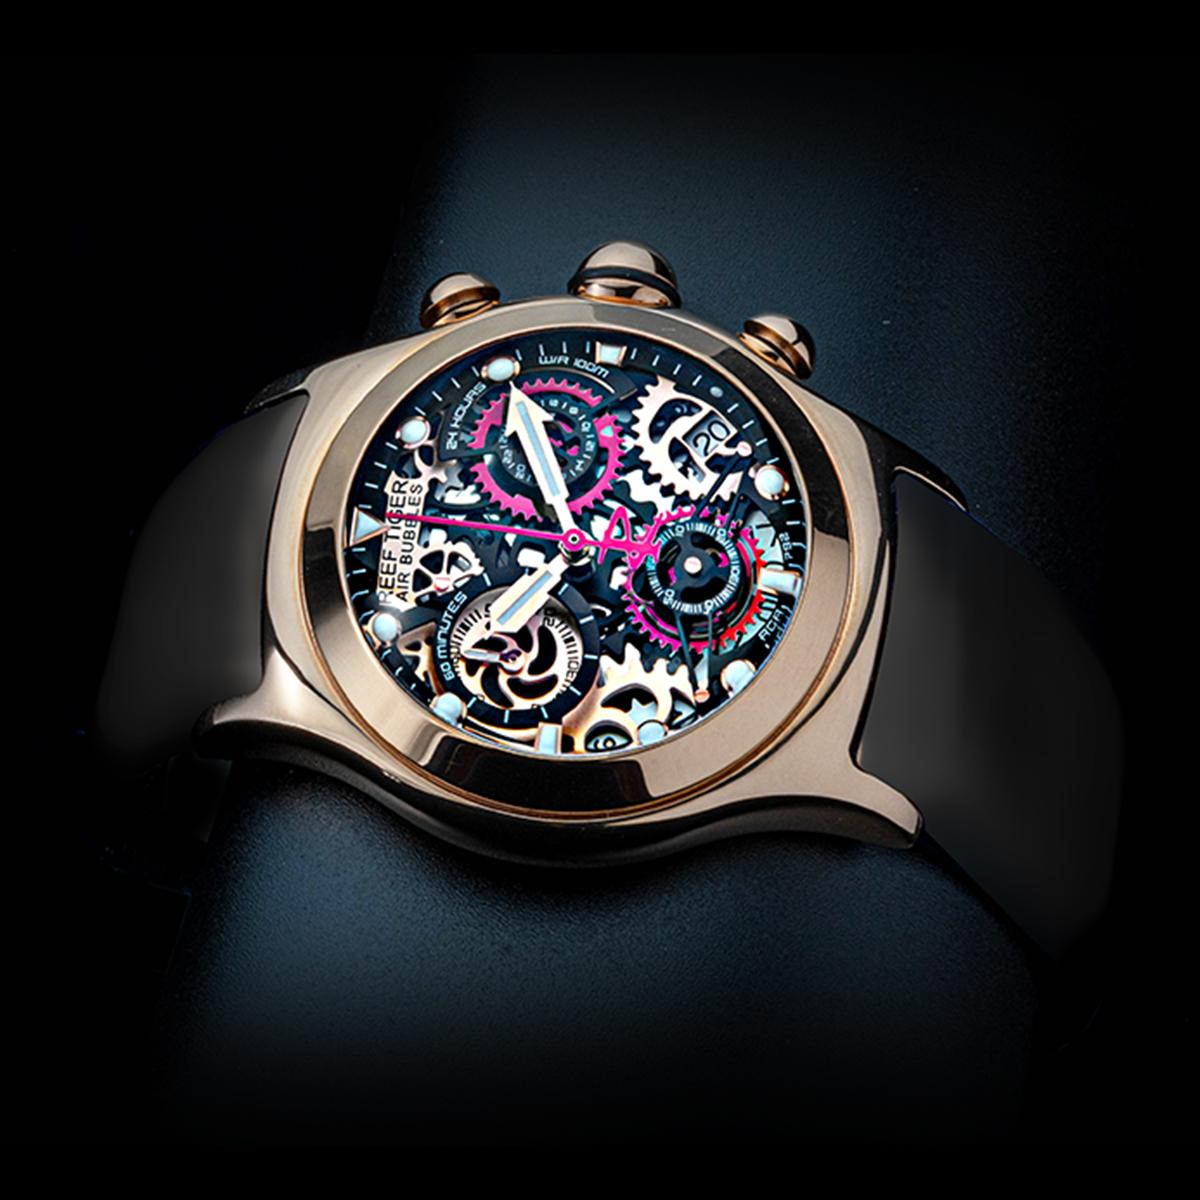 【REEF TIGER】 クォーツ式のスケルトン腕時計 リーフタイガーRGA792PBBR